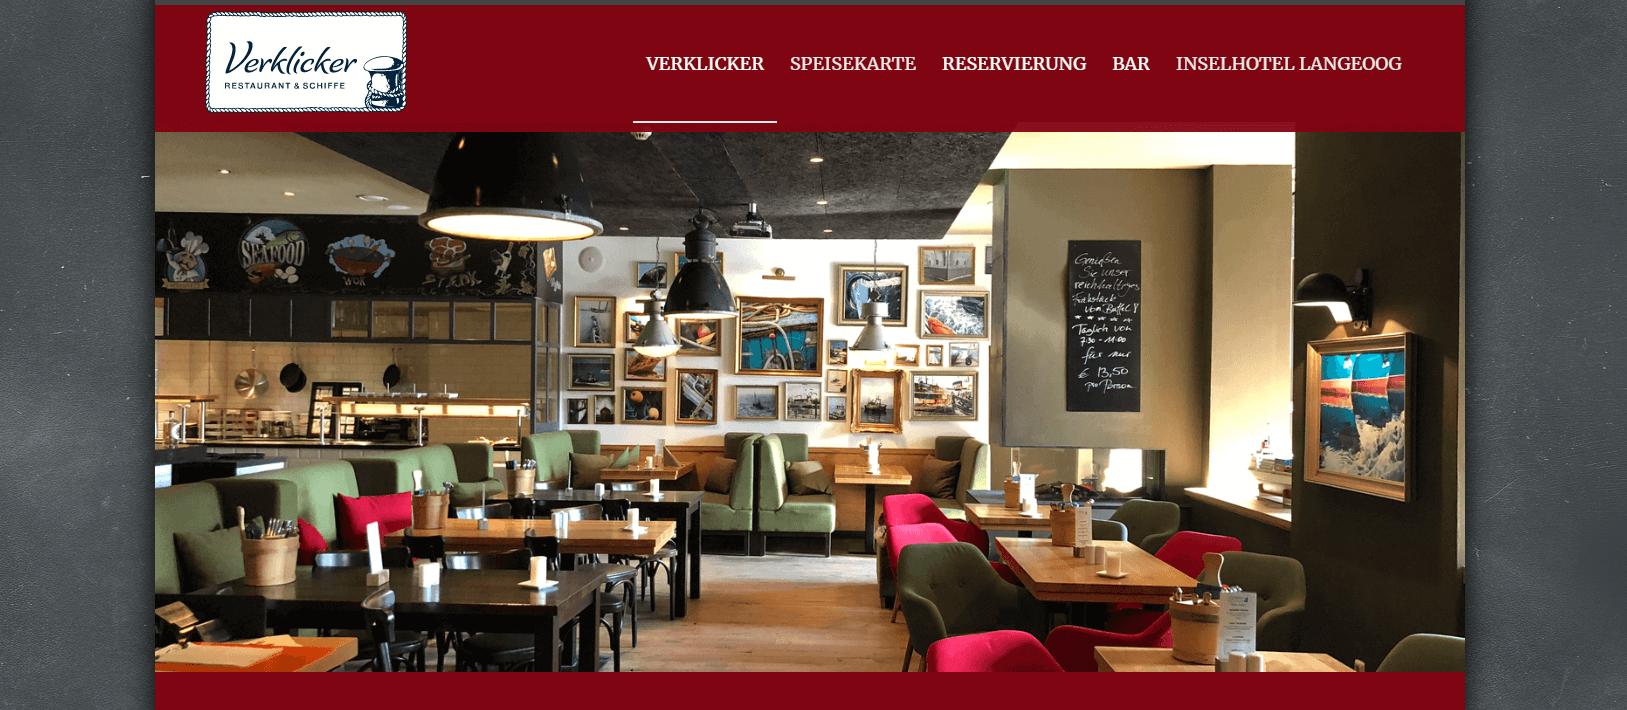 Restaurant Verklicker Langeoog